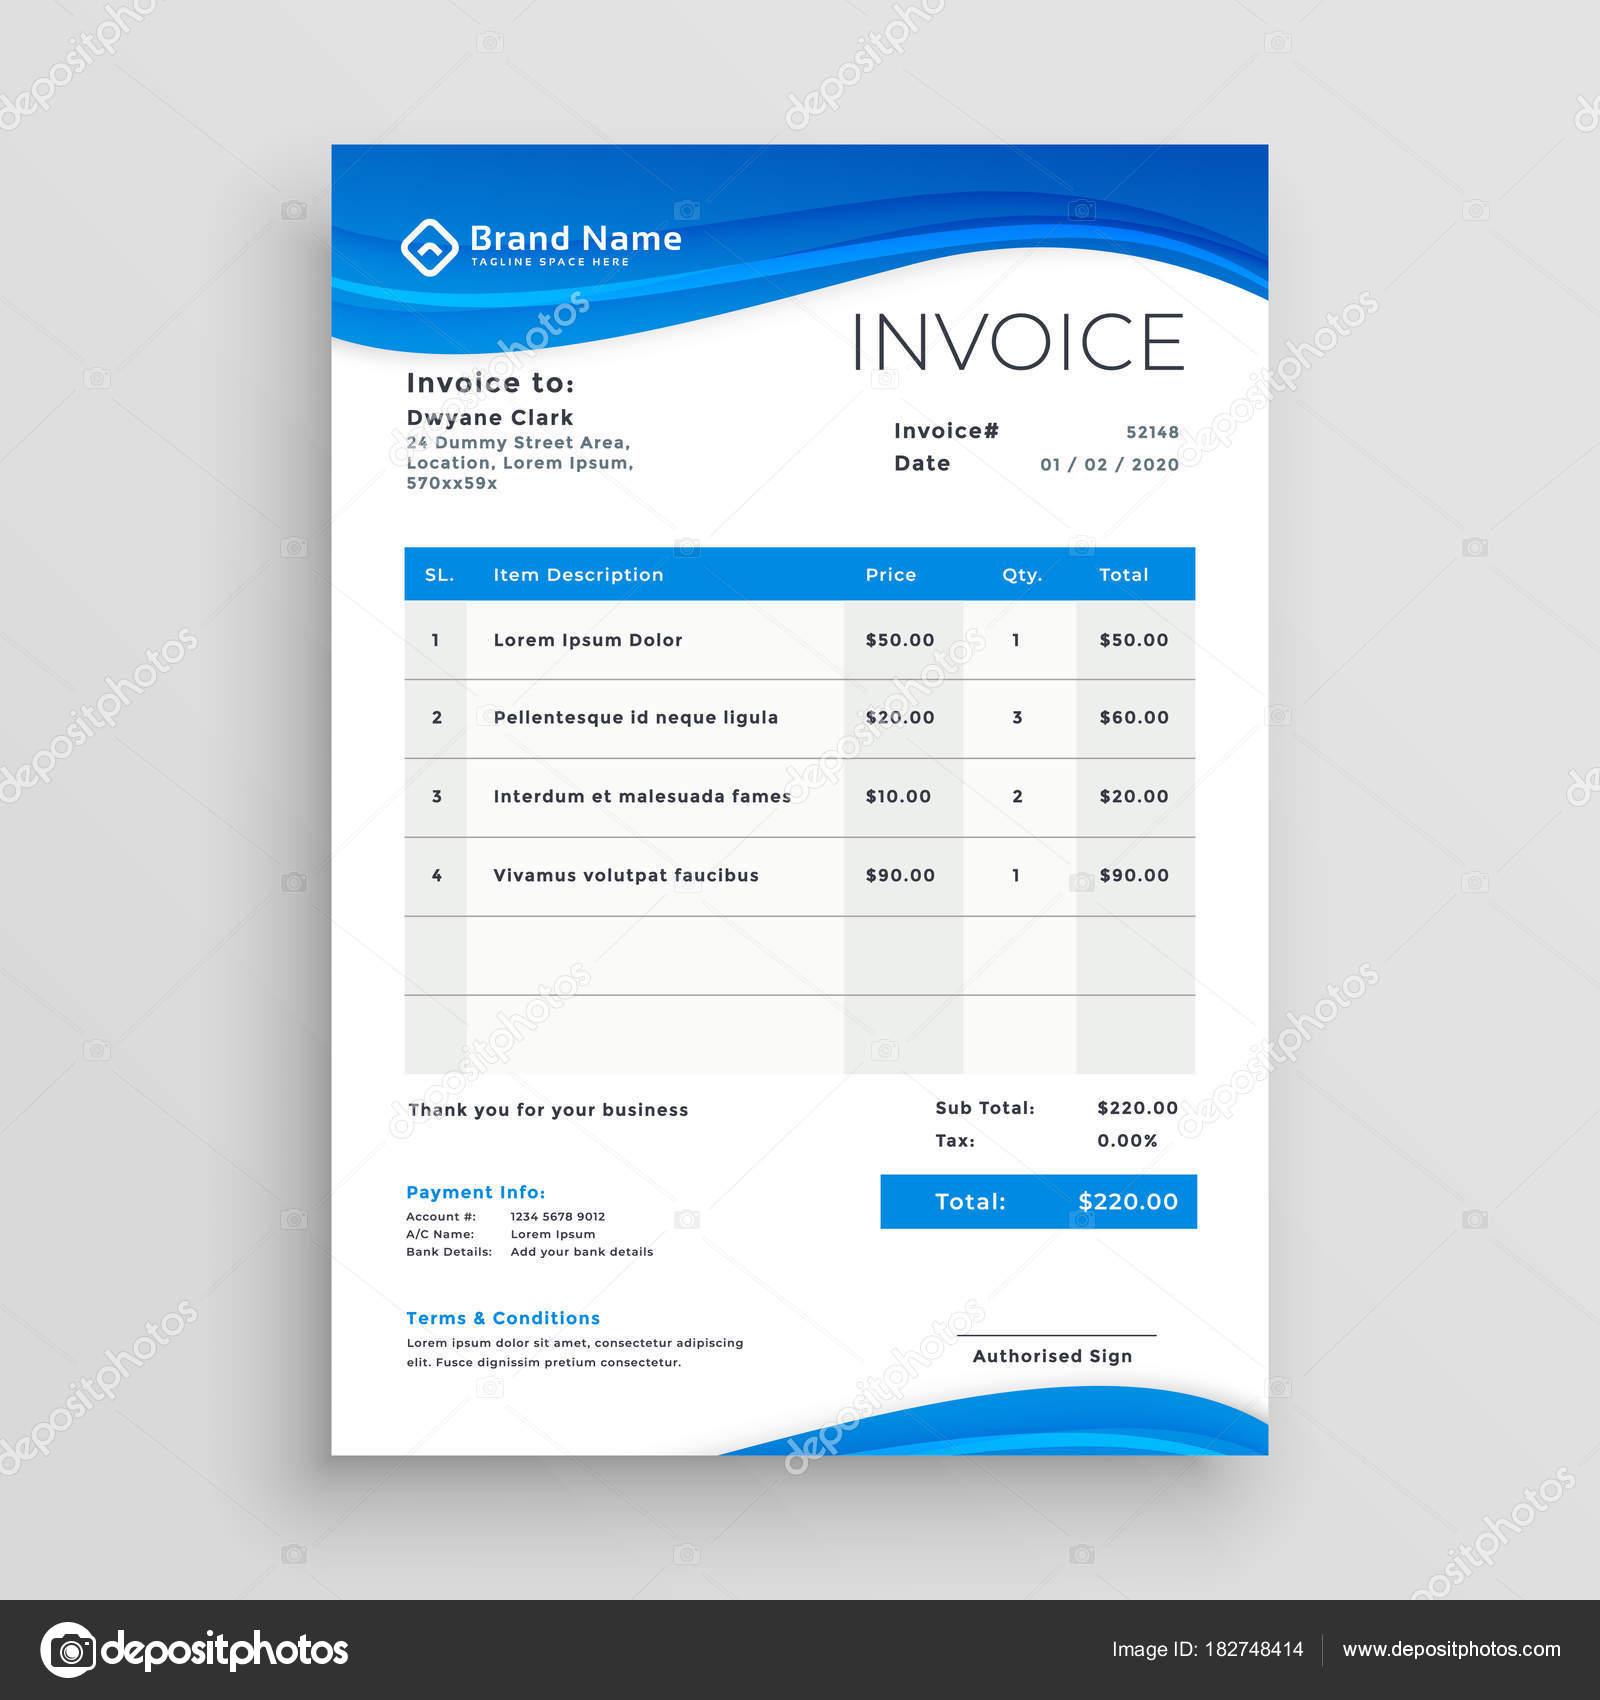 diseño de plantilla de factura vector azul — Archivo Imágenes ...